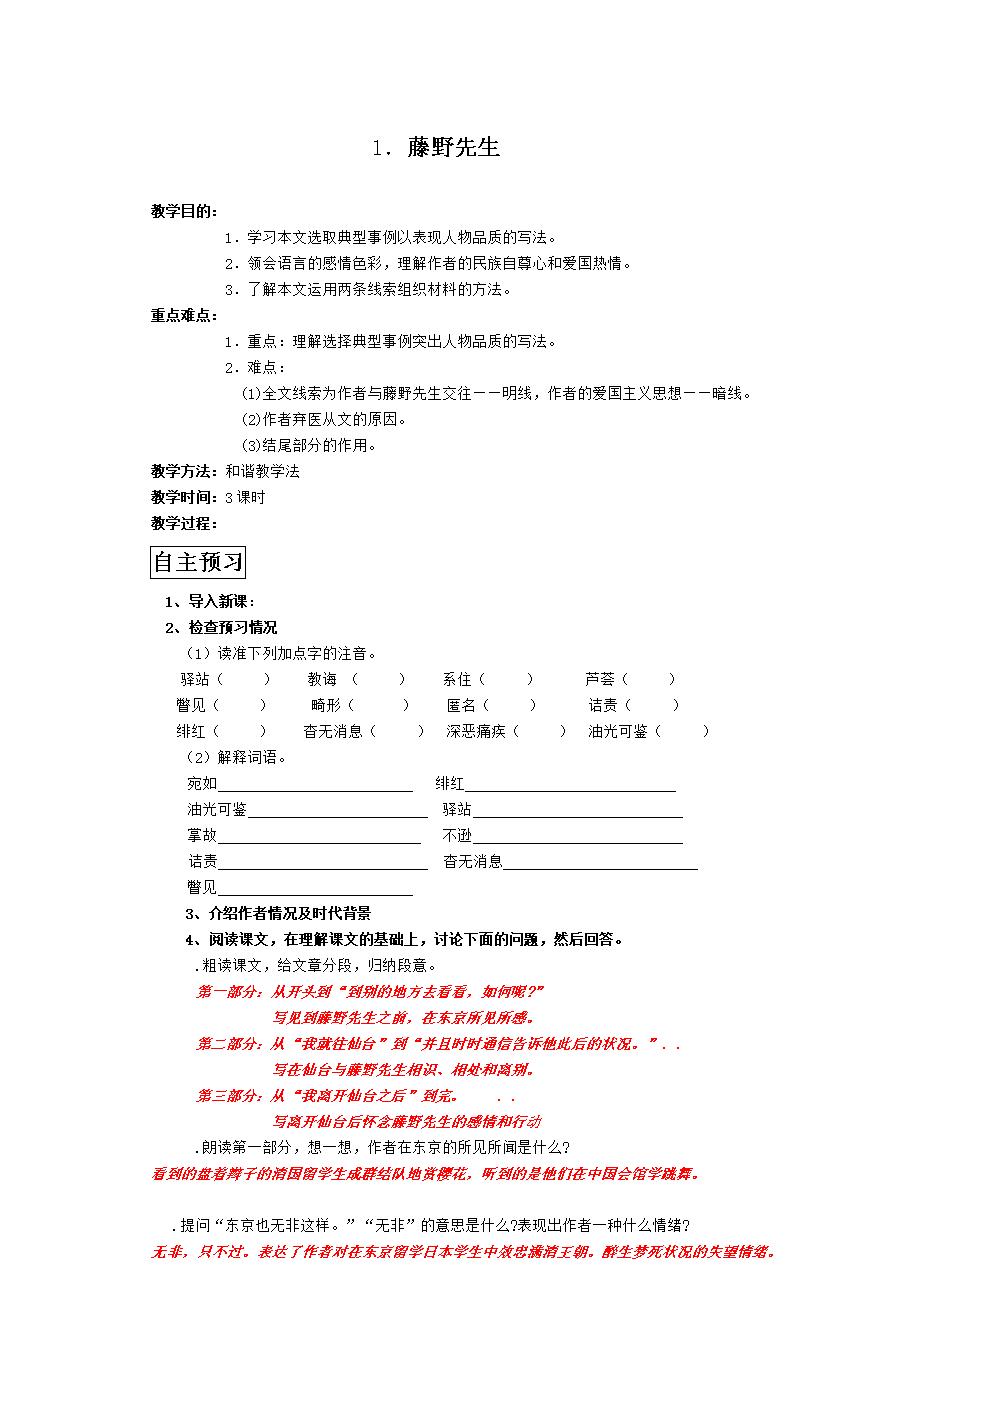 人教语文版八下册简报1.藤野先生.doc集体备课v人教课年级图片